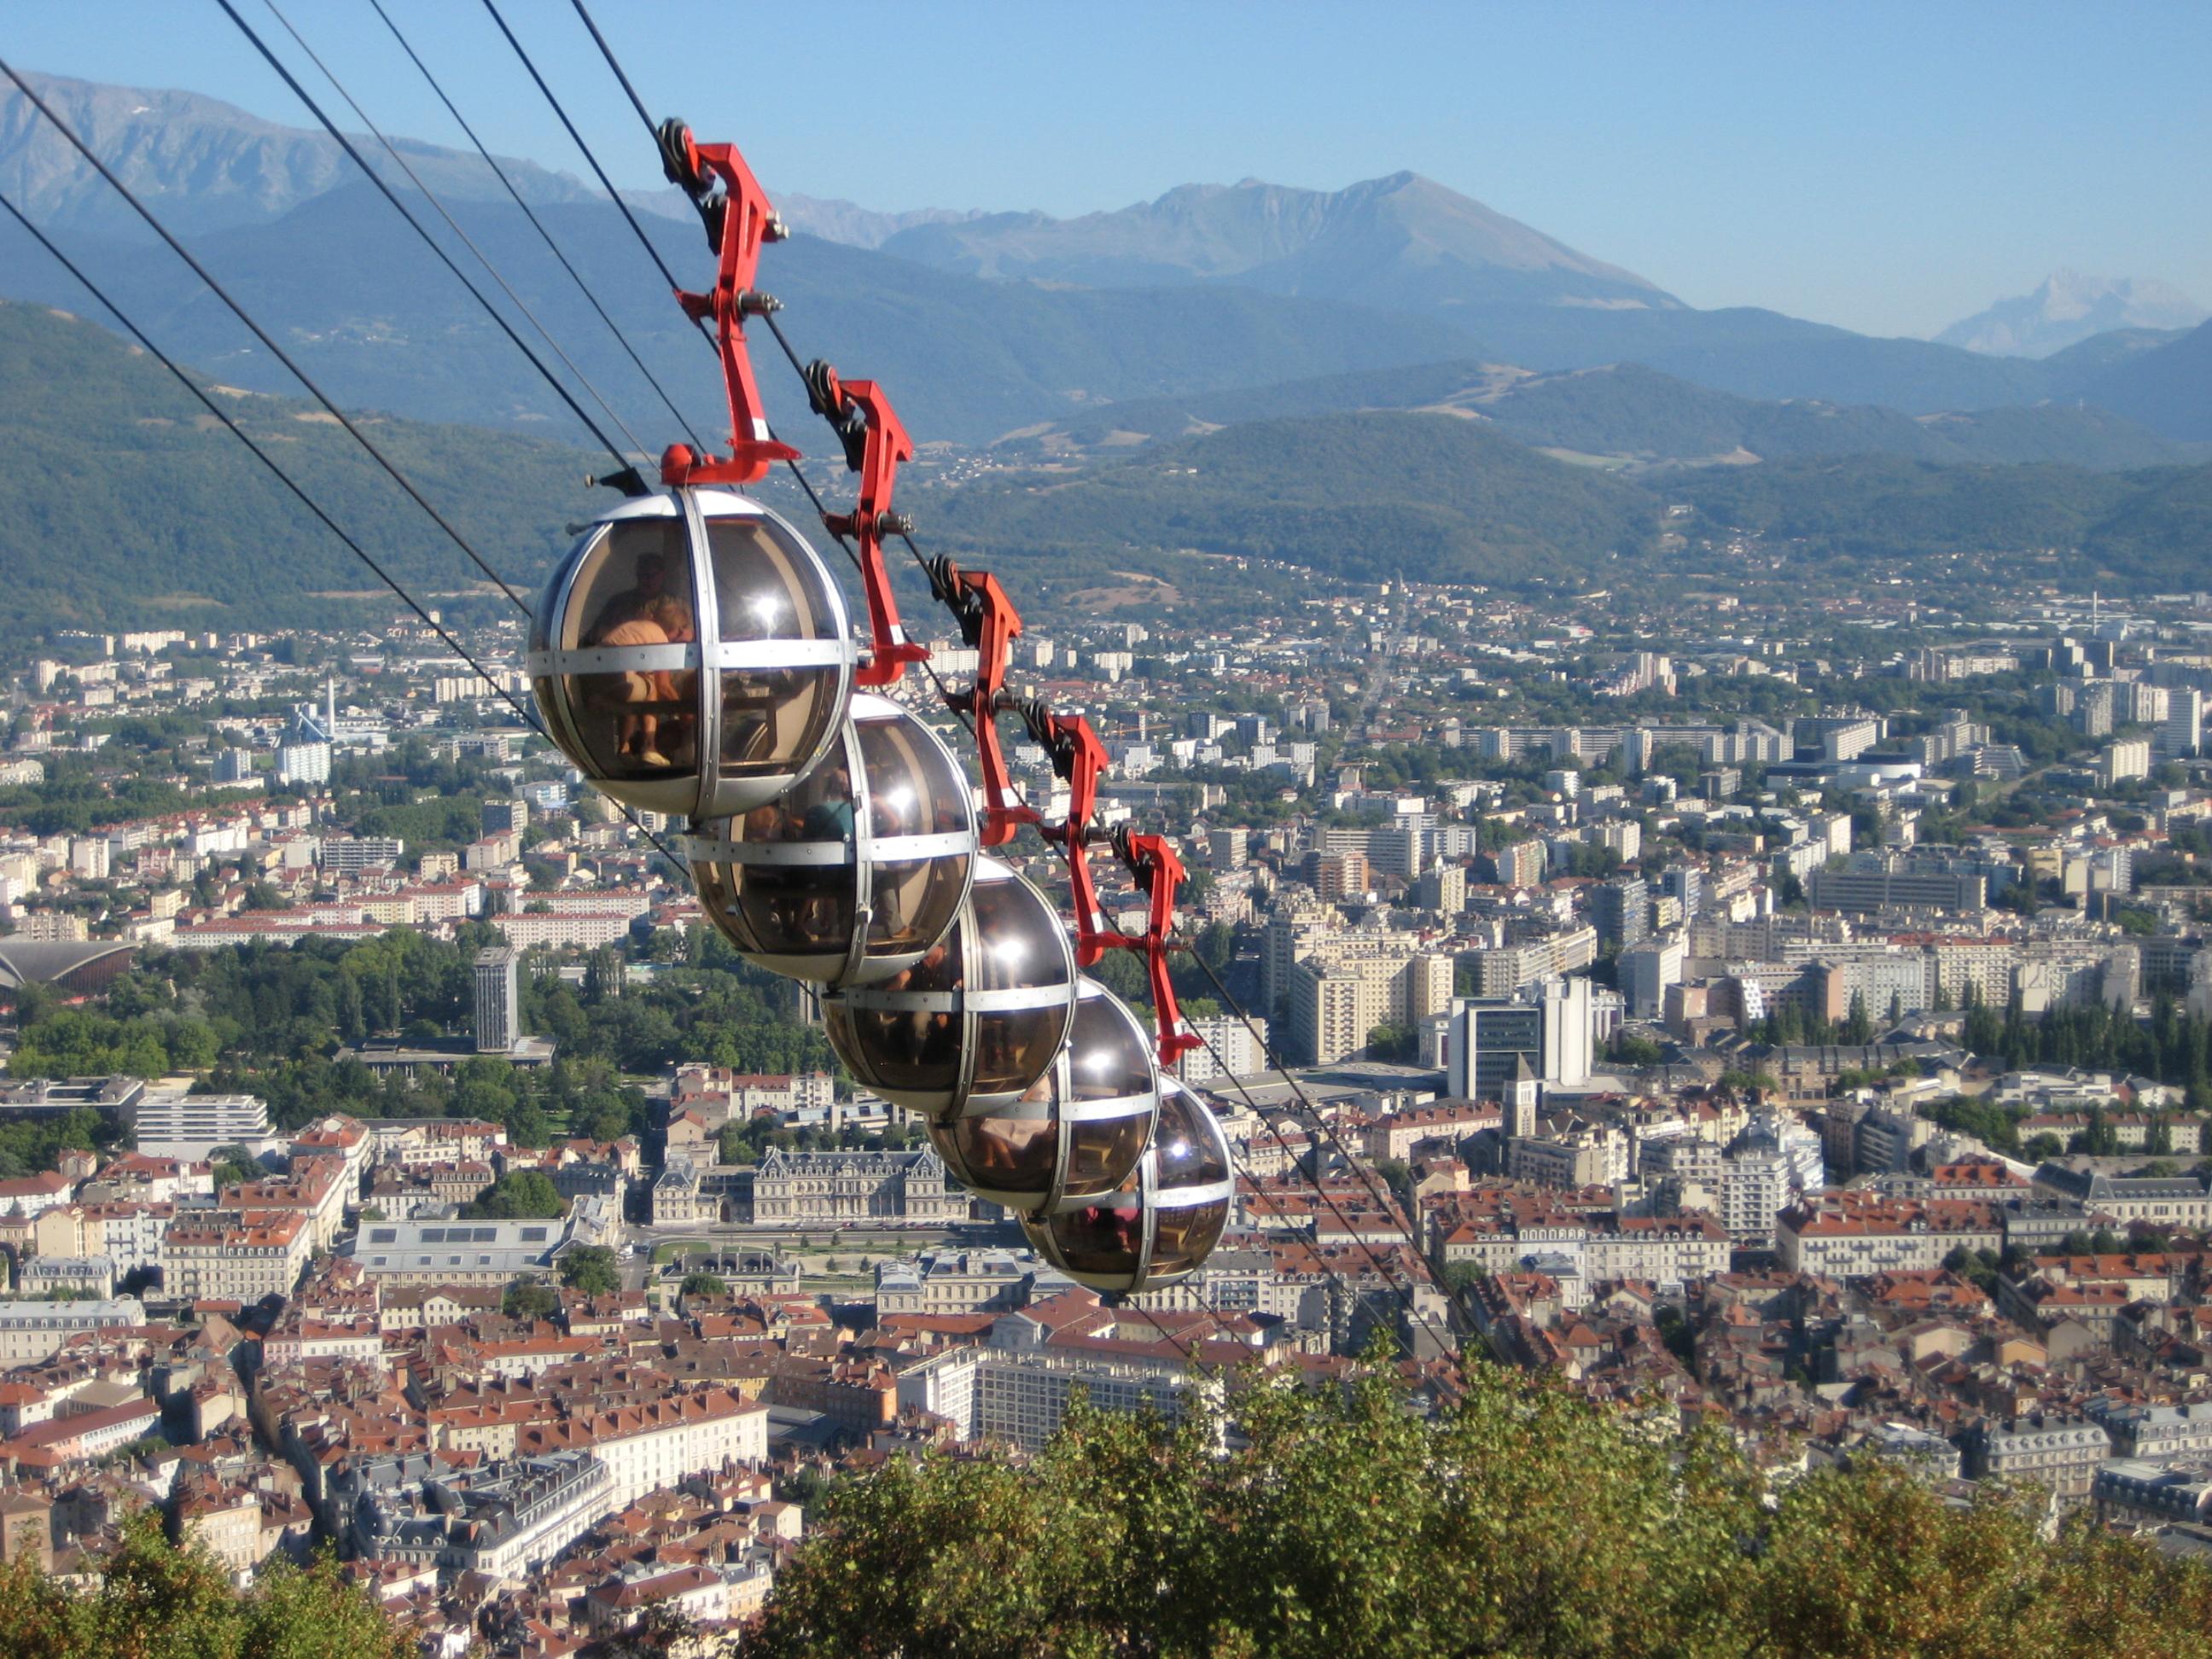 http://fr.academic.ru/pictures/frwiki/83/Seilbahn-Grenoble.JPG